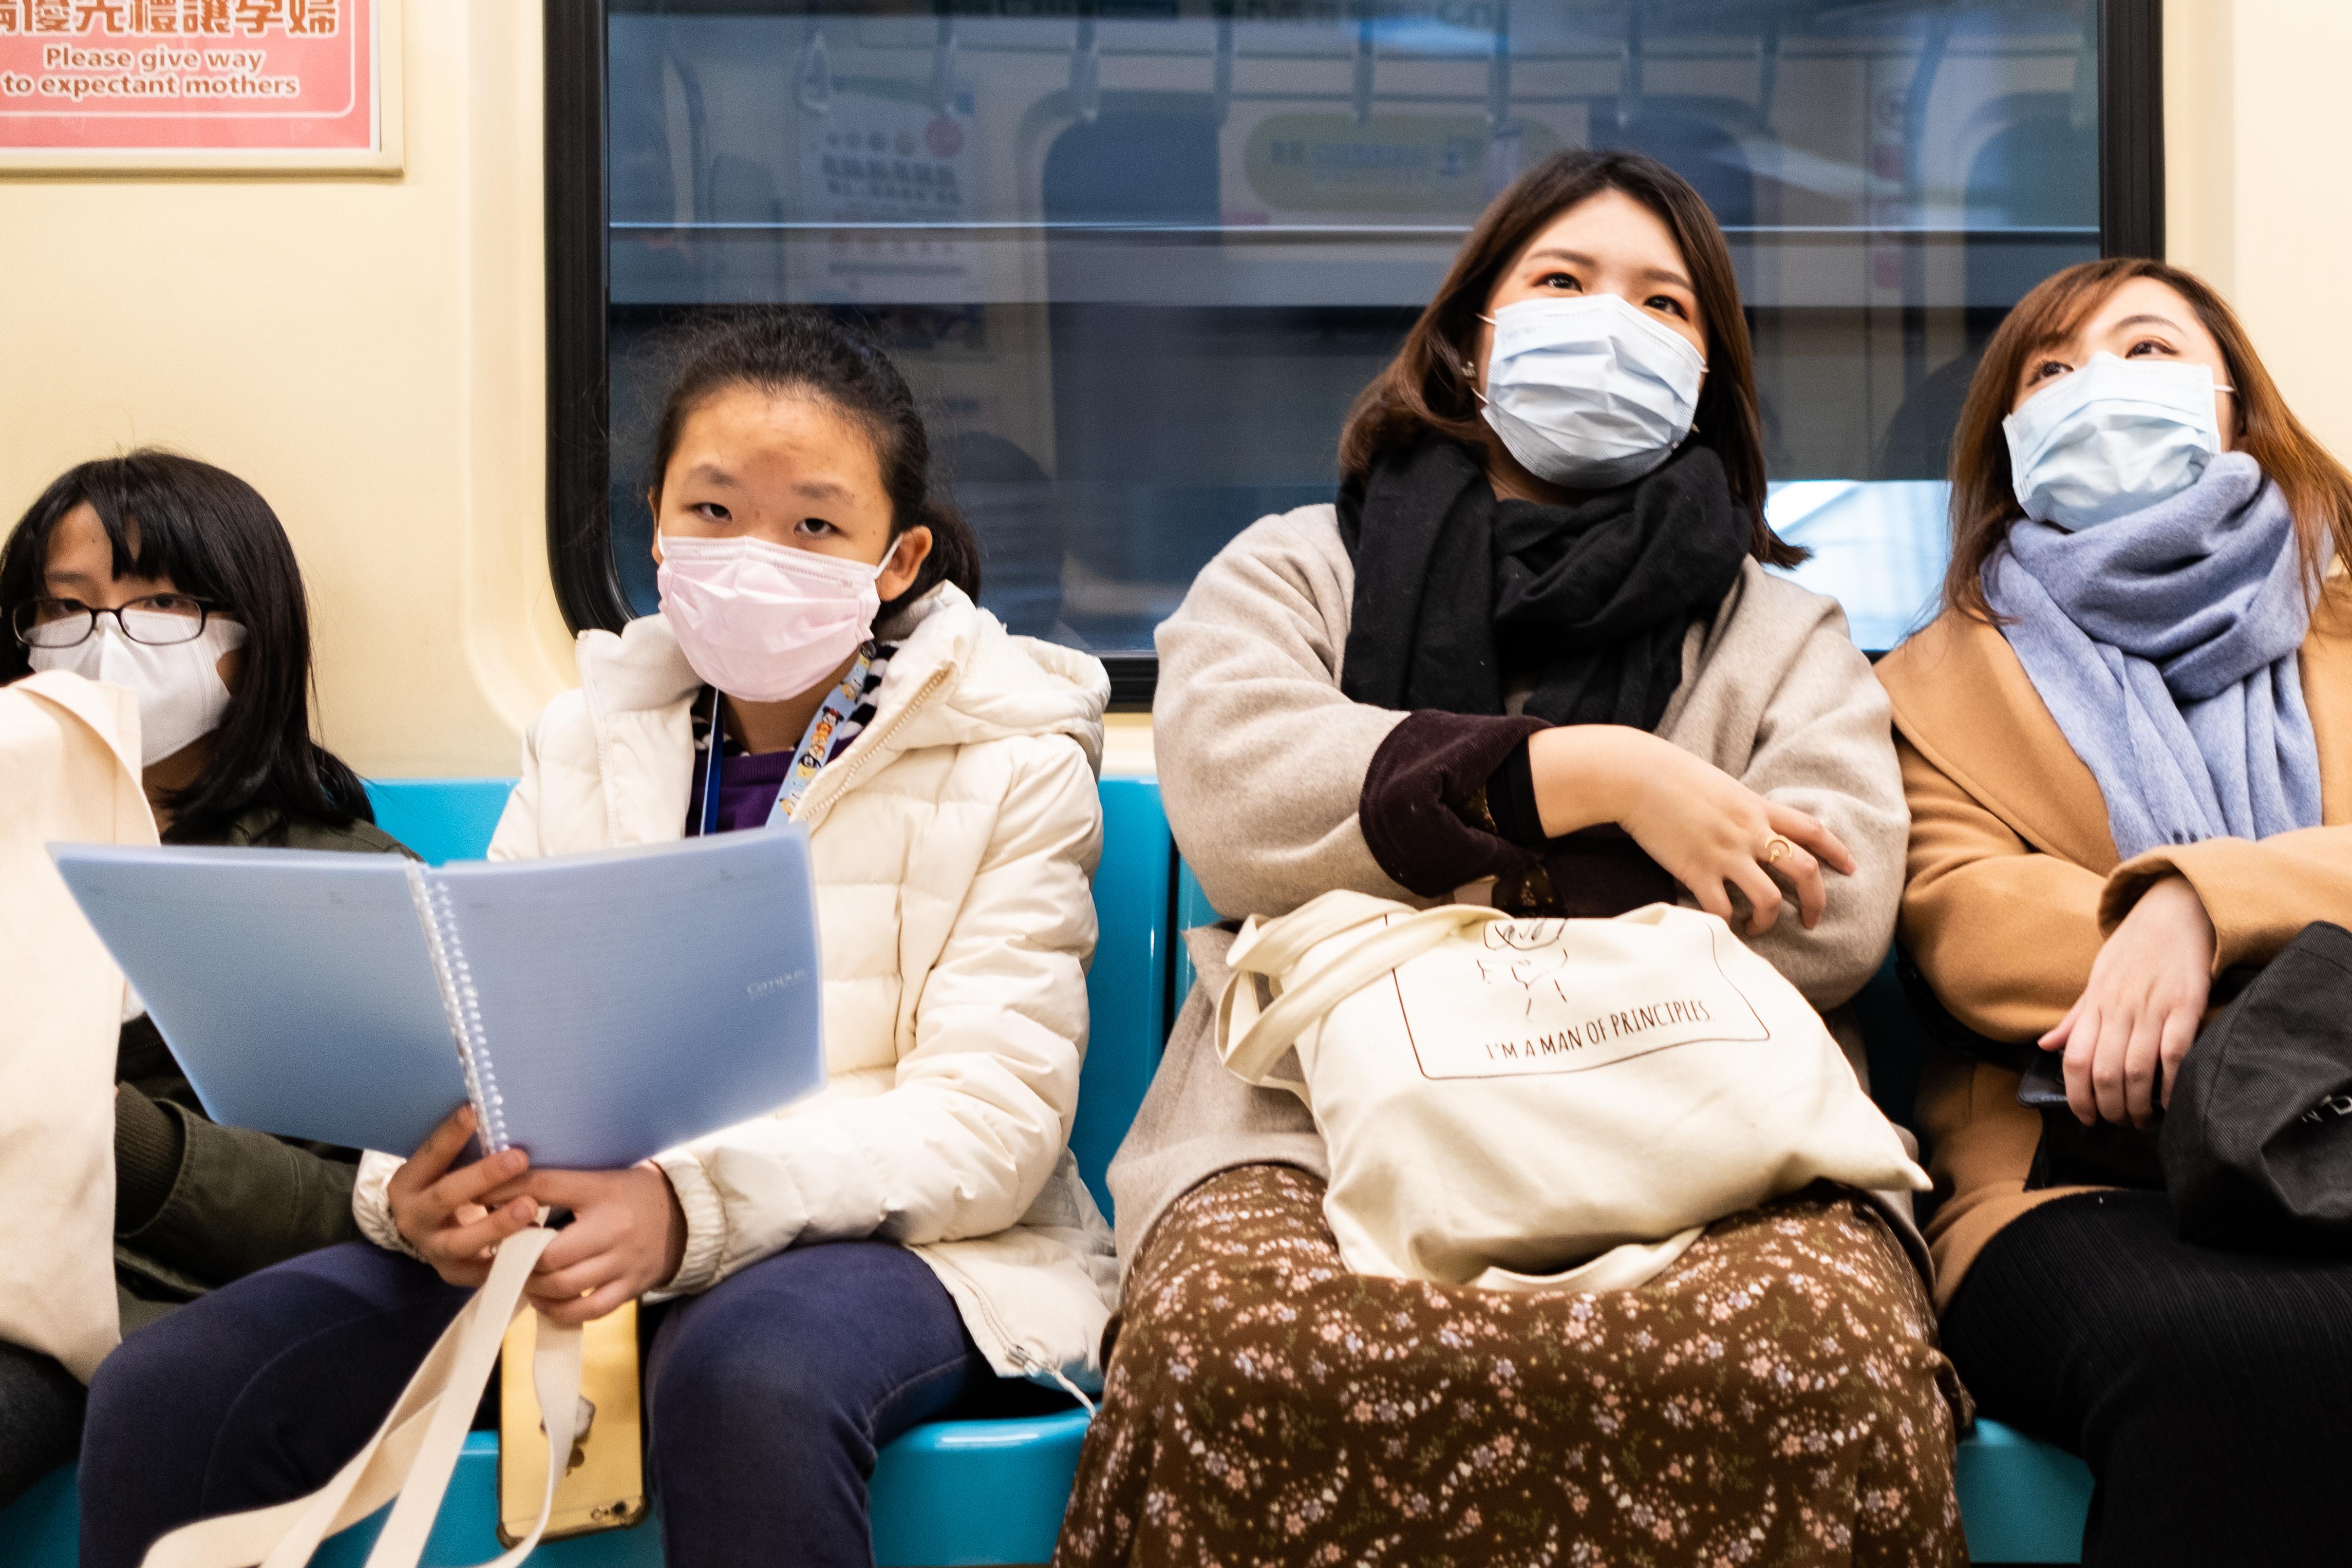 Megérkeztek a kínai védőeszközök a hazai egyetemi klinikákra